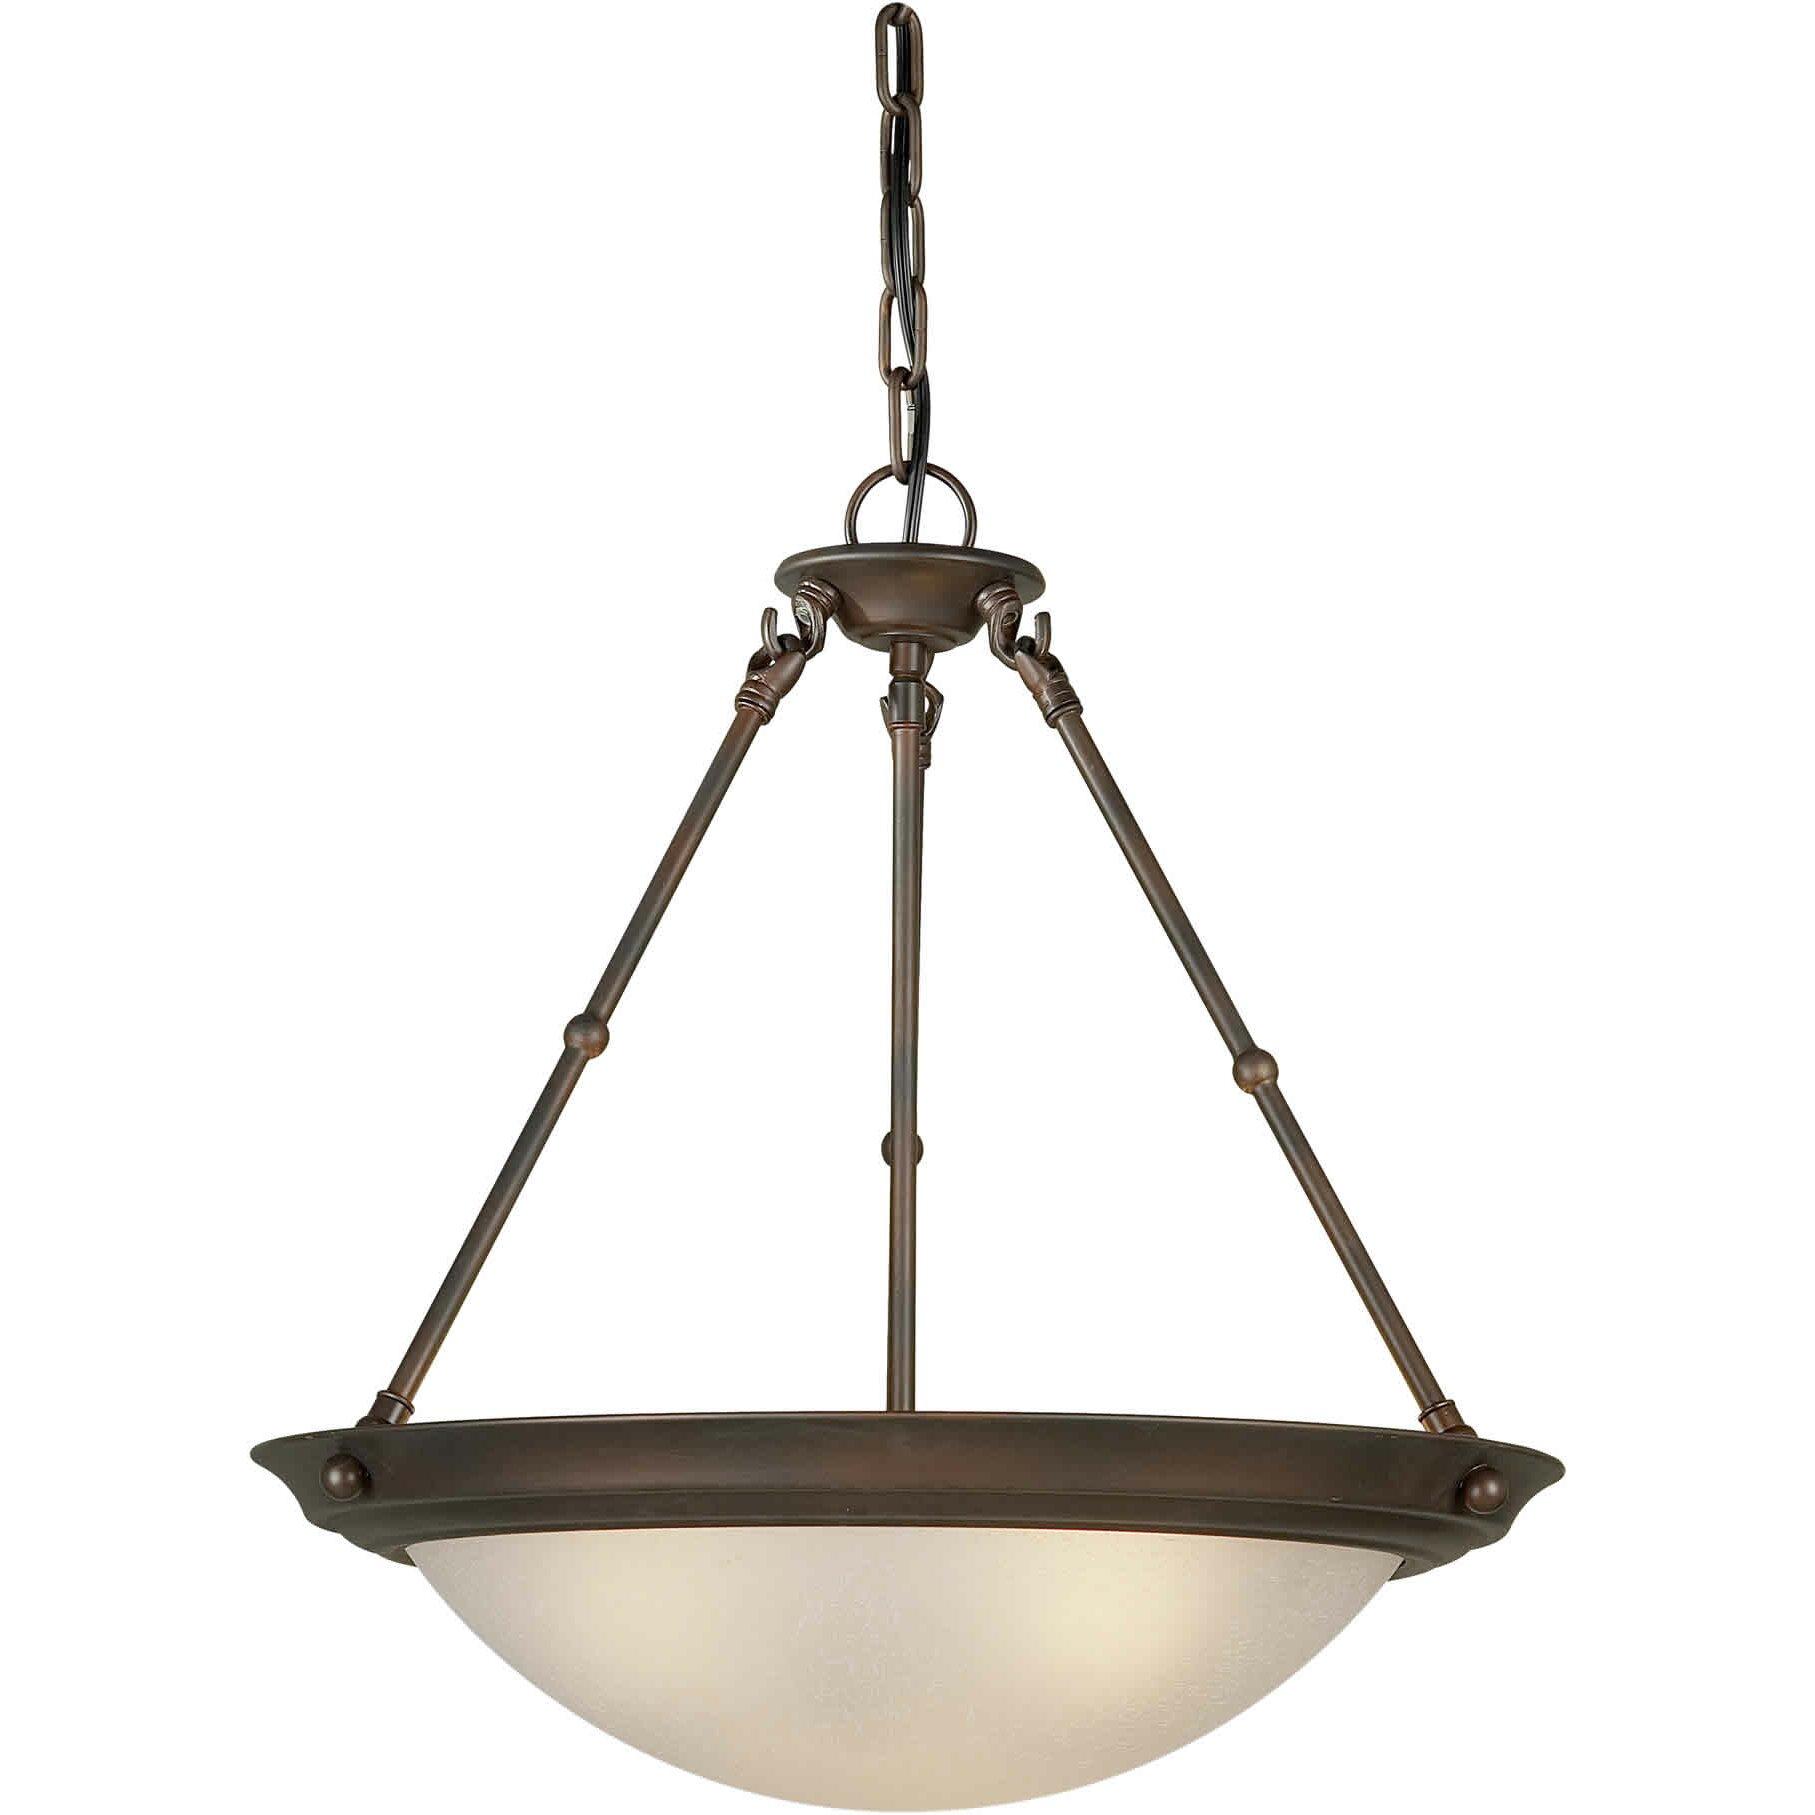 forte lighting 3 light bowl inverted pendant reviews wayfair. Black Bedroom Furniture Sets. Home Design Ideas